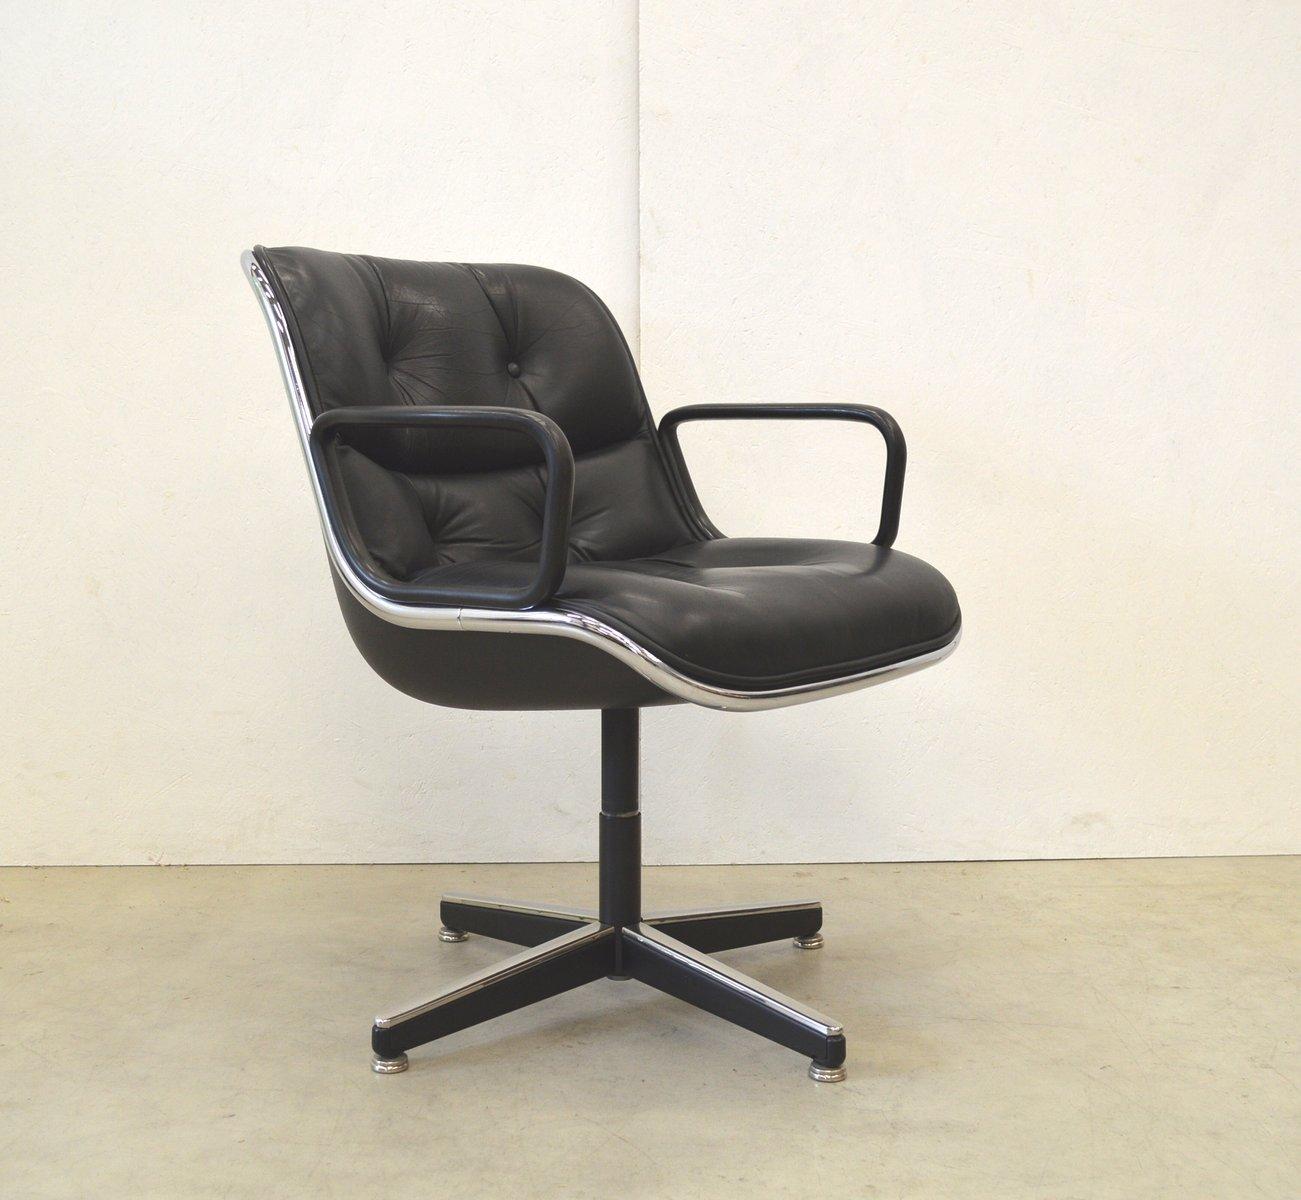 Sedie per studio sedie per ufficio sesta sax rete with for Maui design camerette